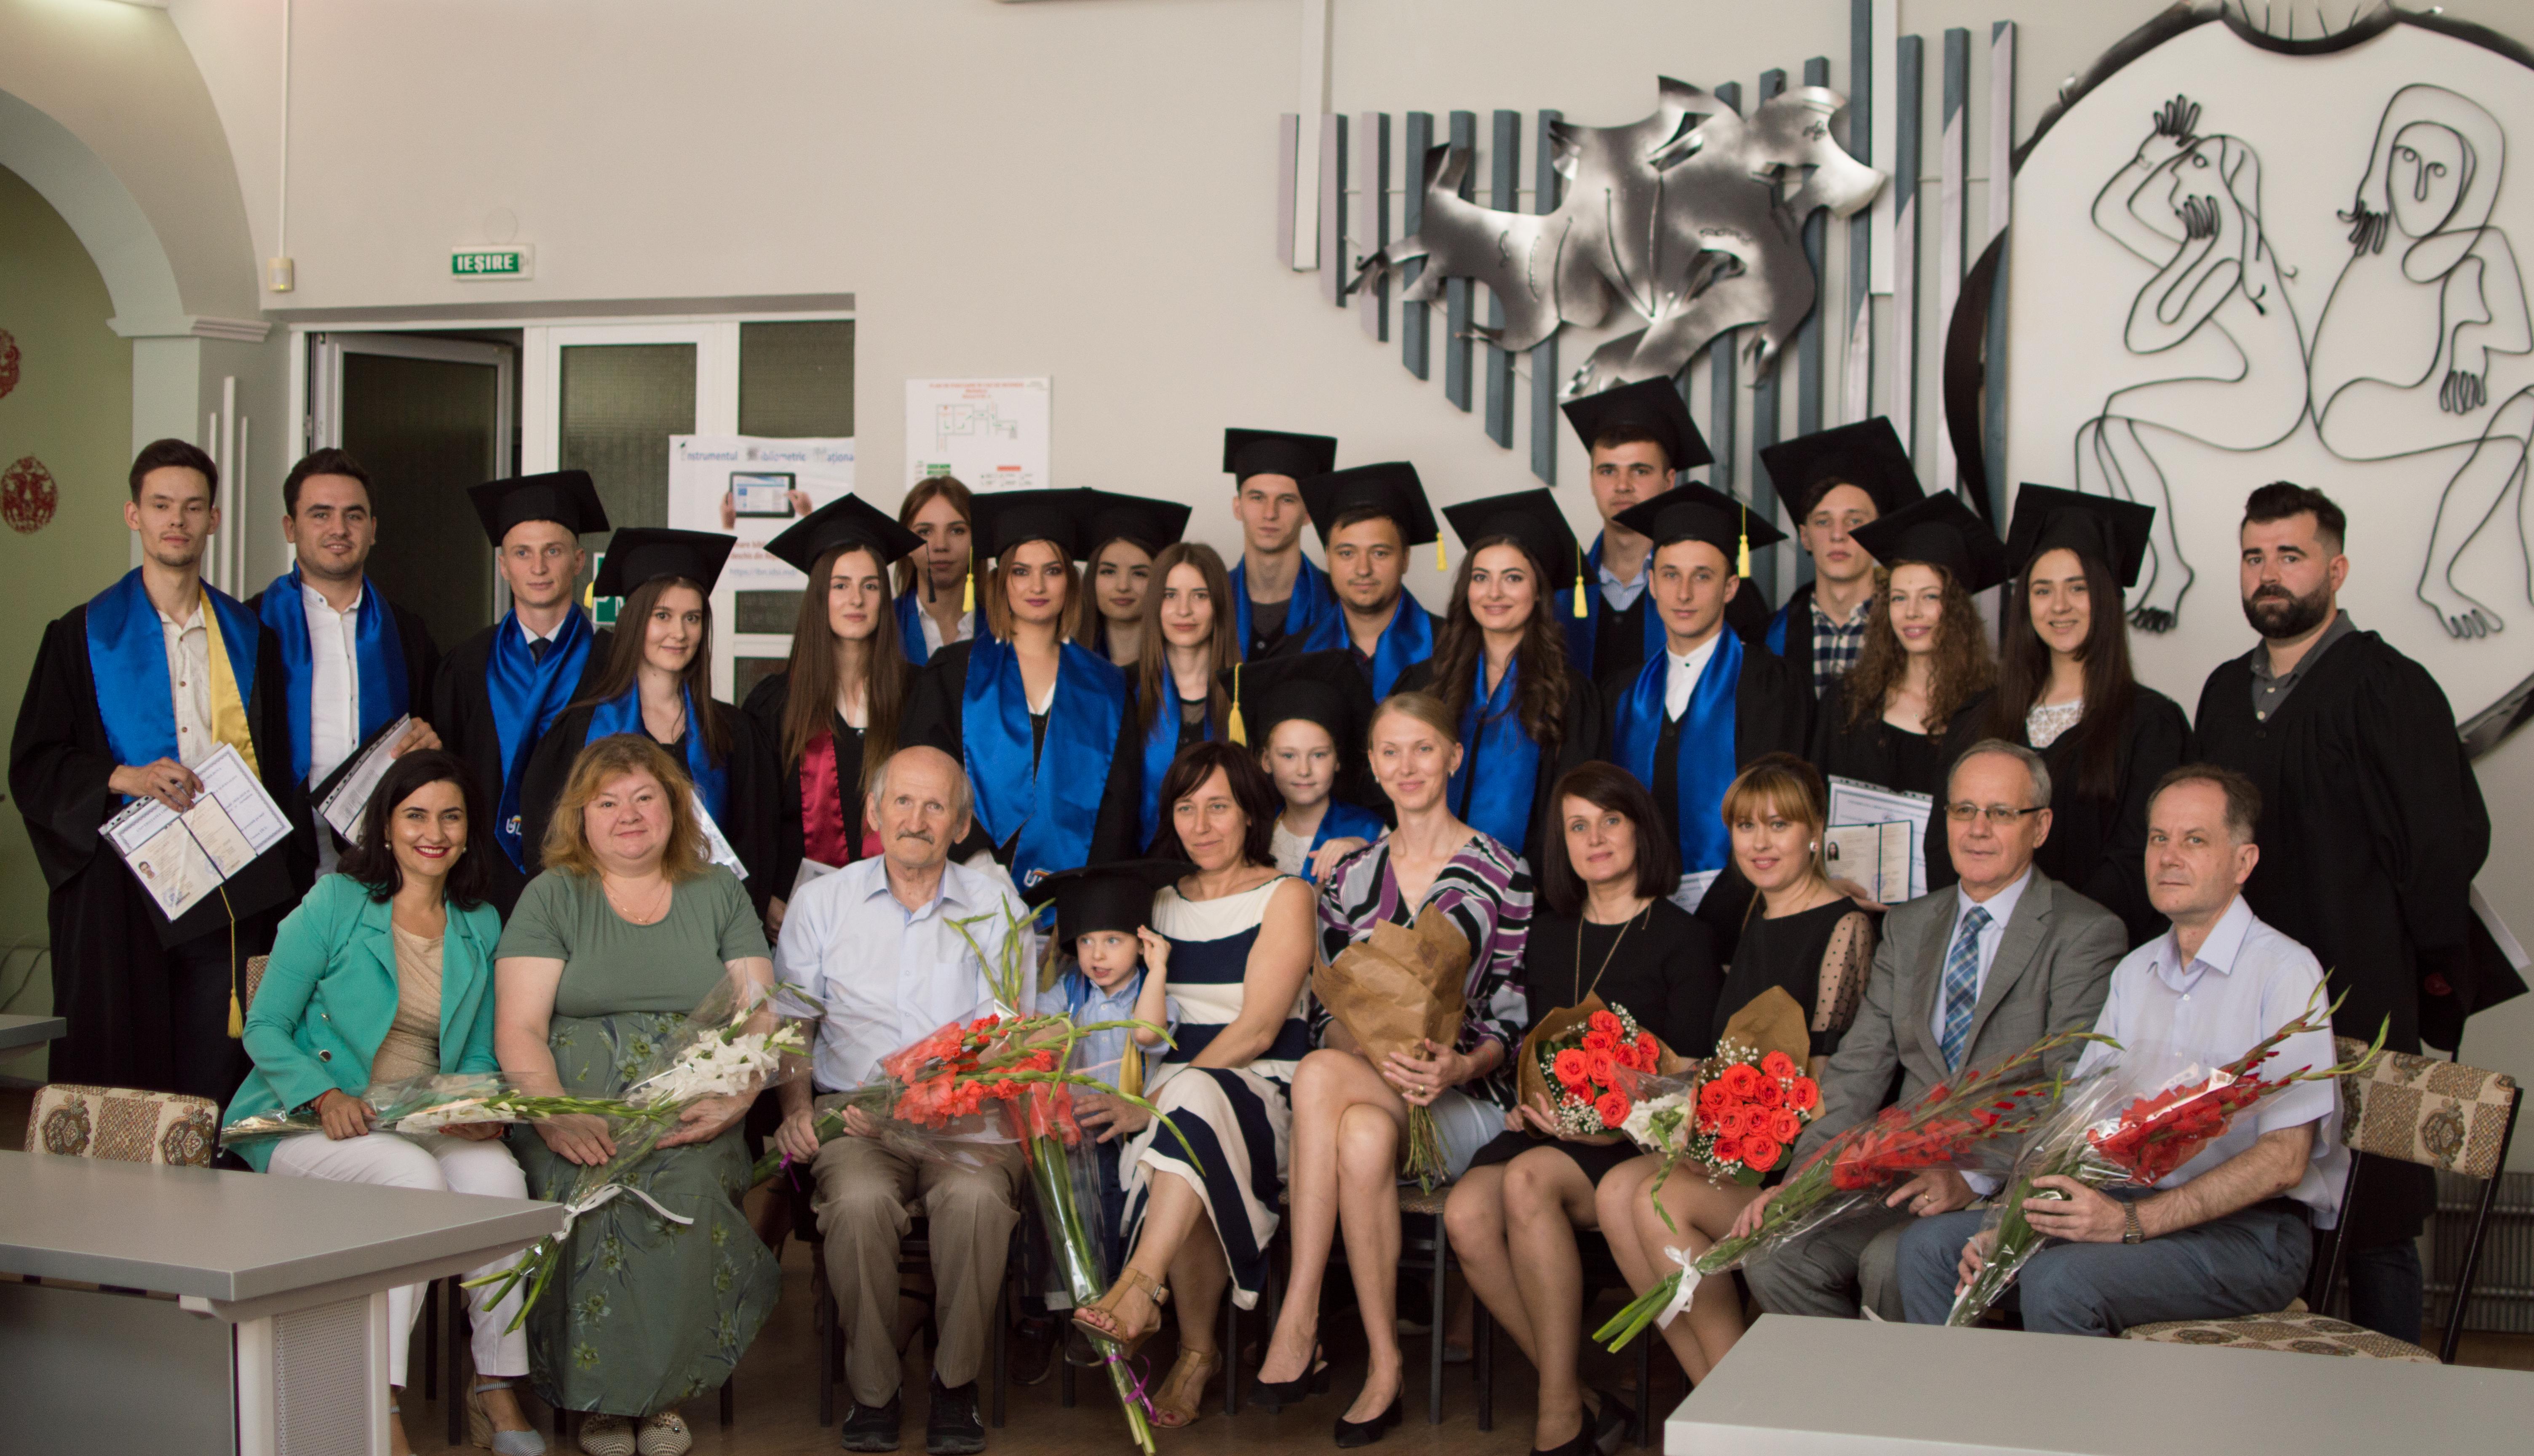 Facultatea Relații Internaționale, Științe Politice și Jurnalism și-a decernat absolvenții cu Diplome de Licență și de Master